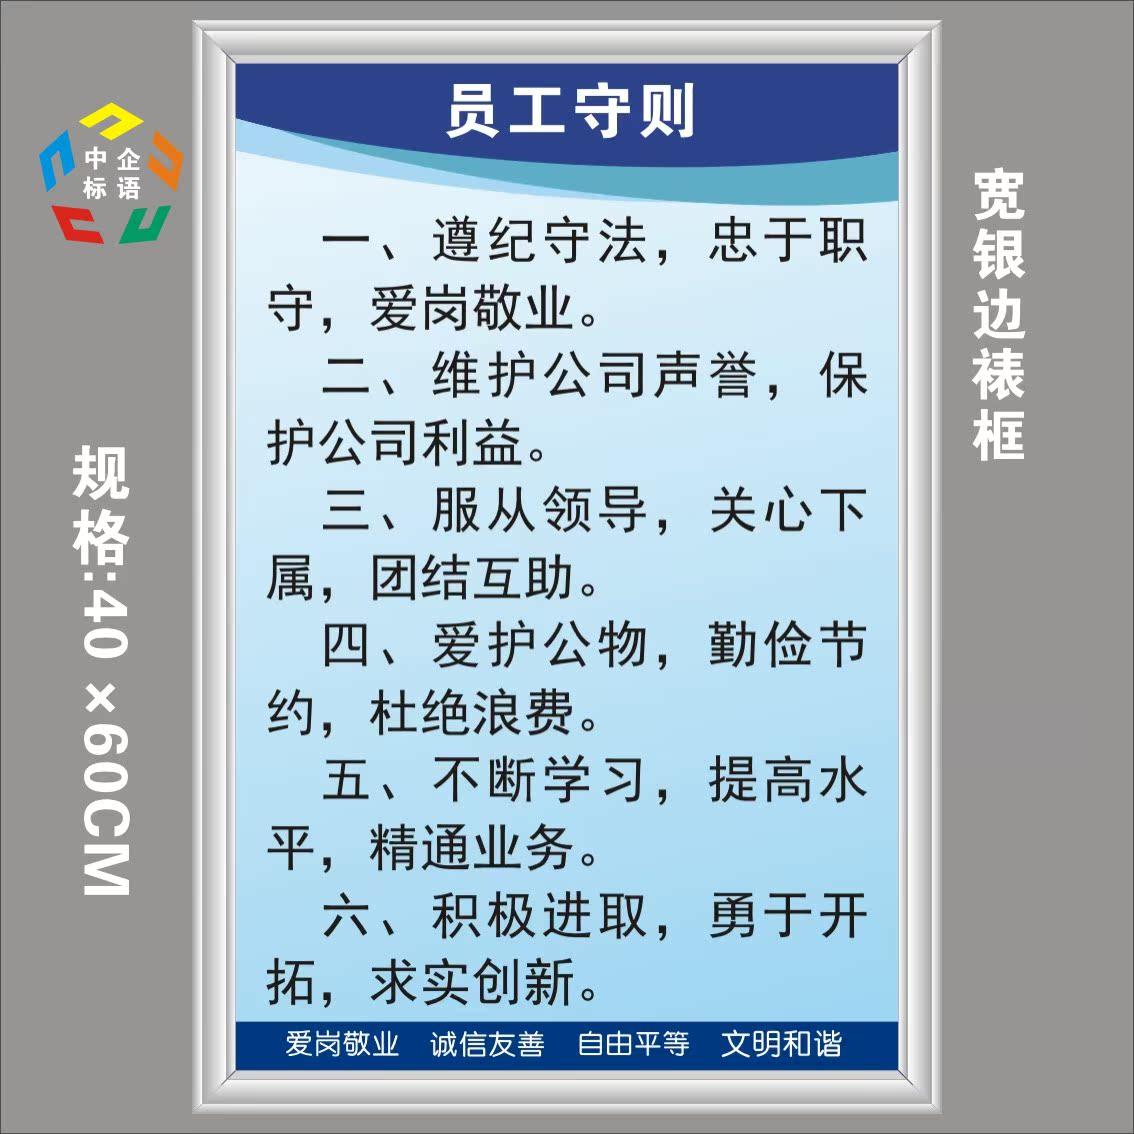 员工守则企业公司工厂车间规章制度标语标牌海报挂图贴墙指标示识